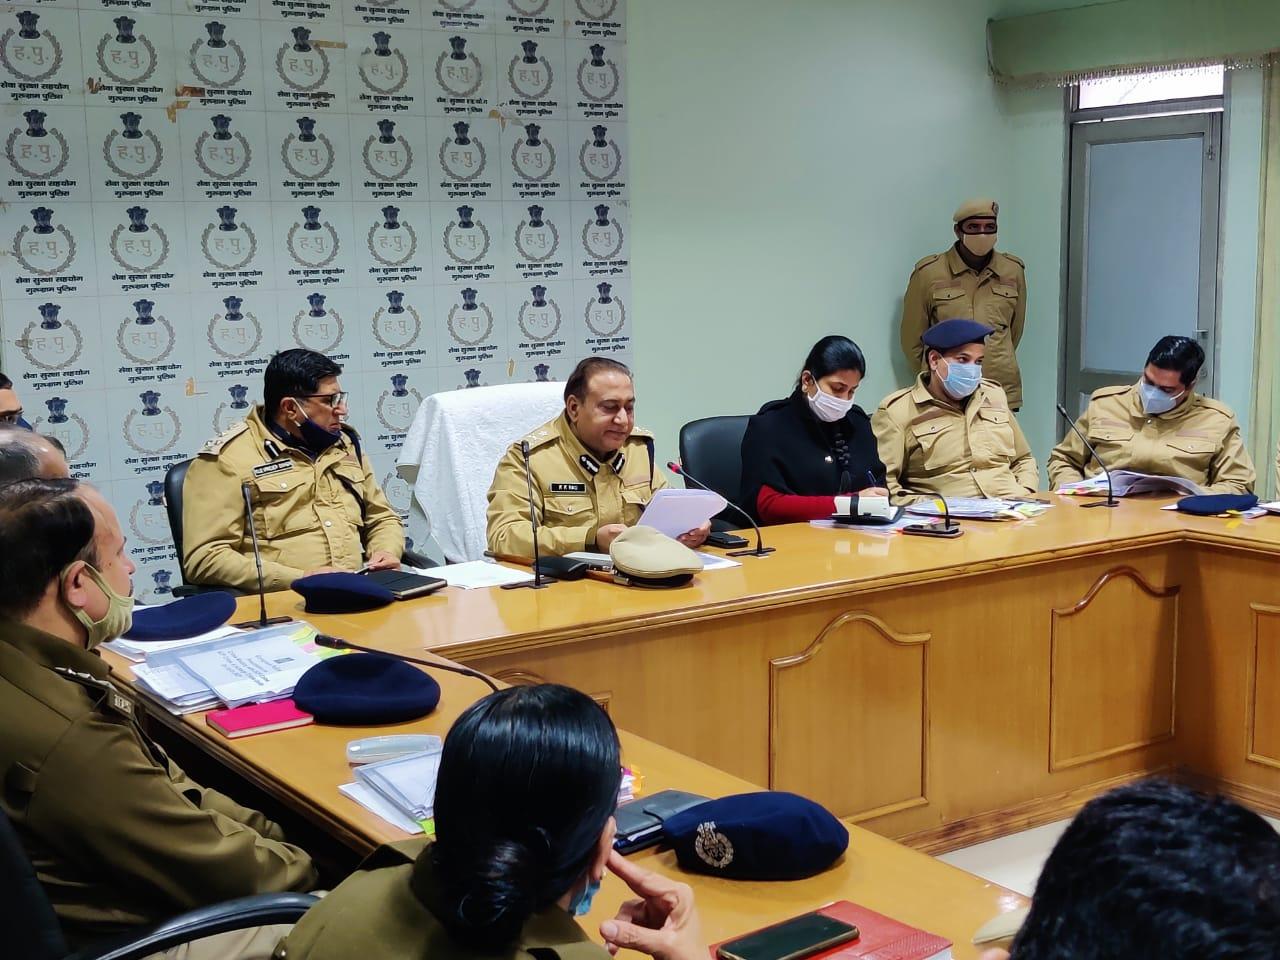 पुलिस आयुक्त ने पुलिस अधिकारियों के साथ कि क्राइम मीटिंग